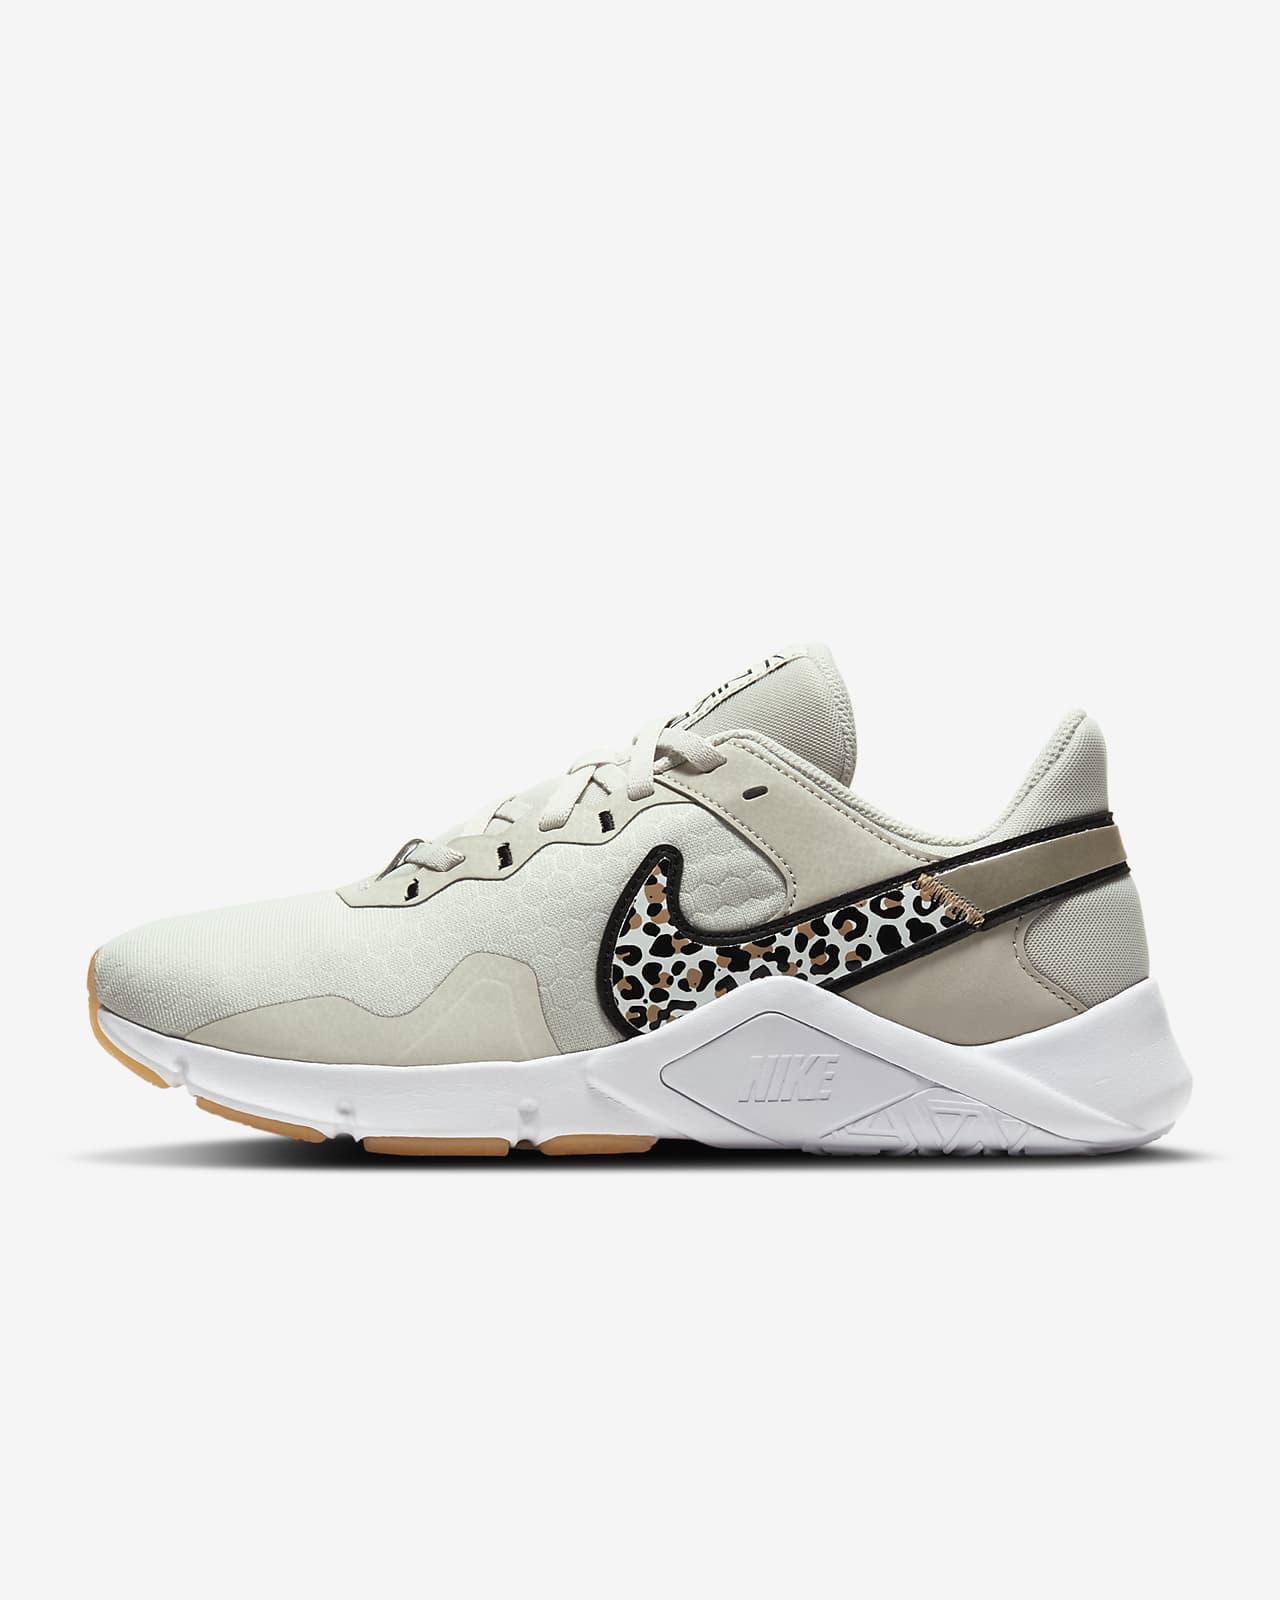 Chaussure de training Nike Legend Essential 2 Premium pour Femme